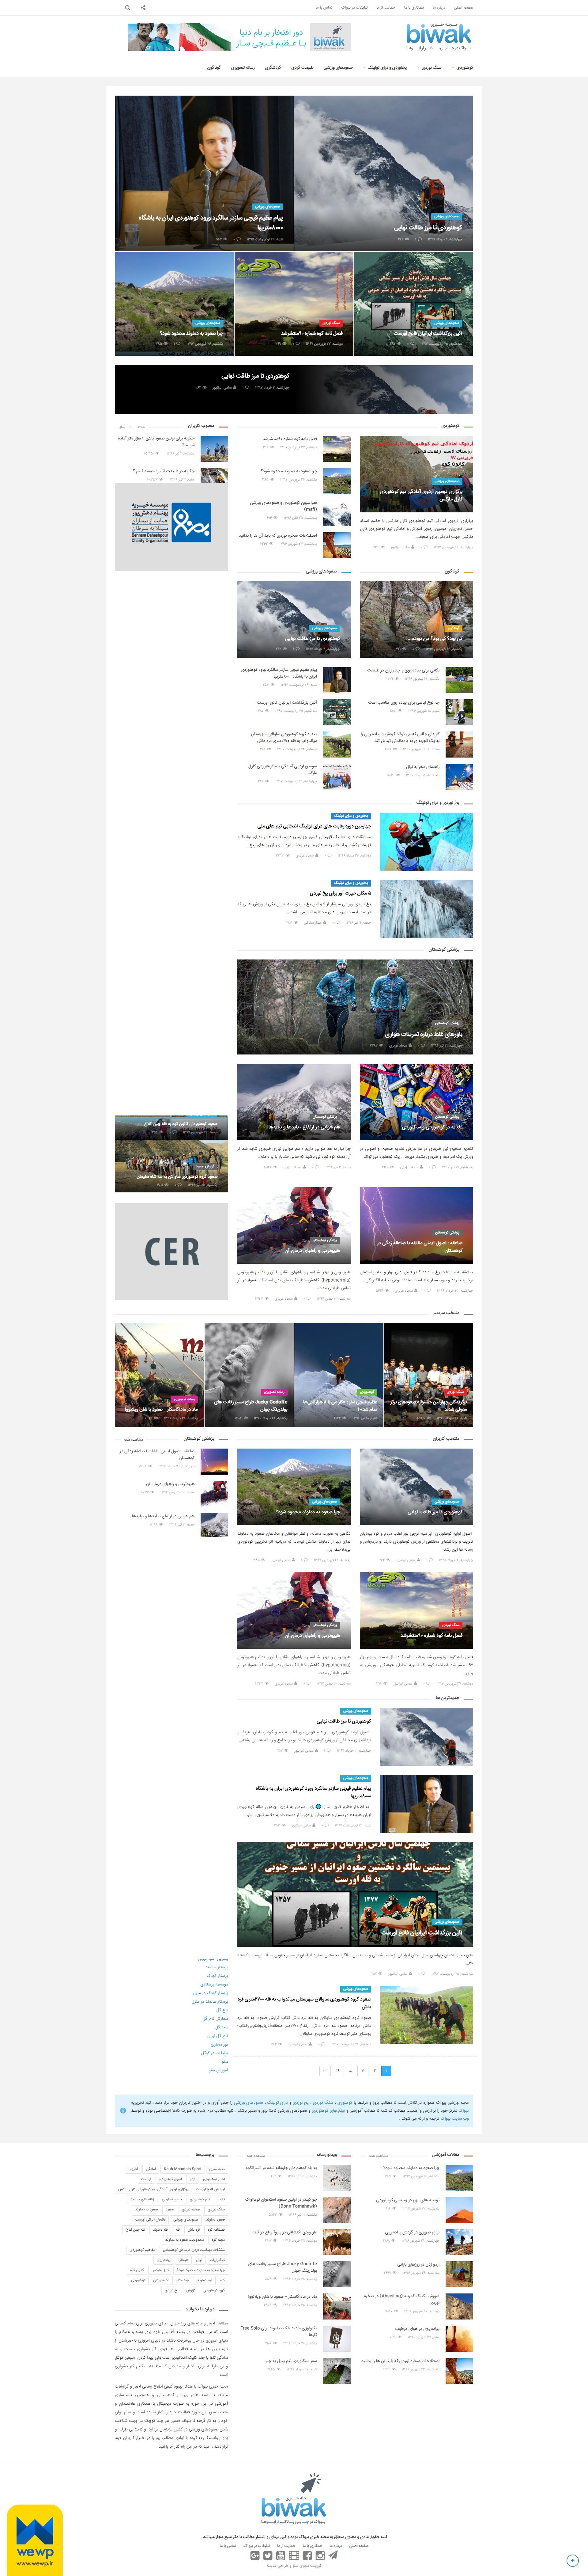 طراحی سایت خبری بیواک